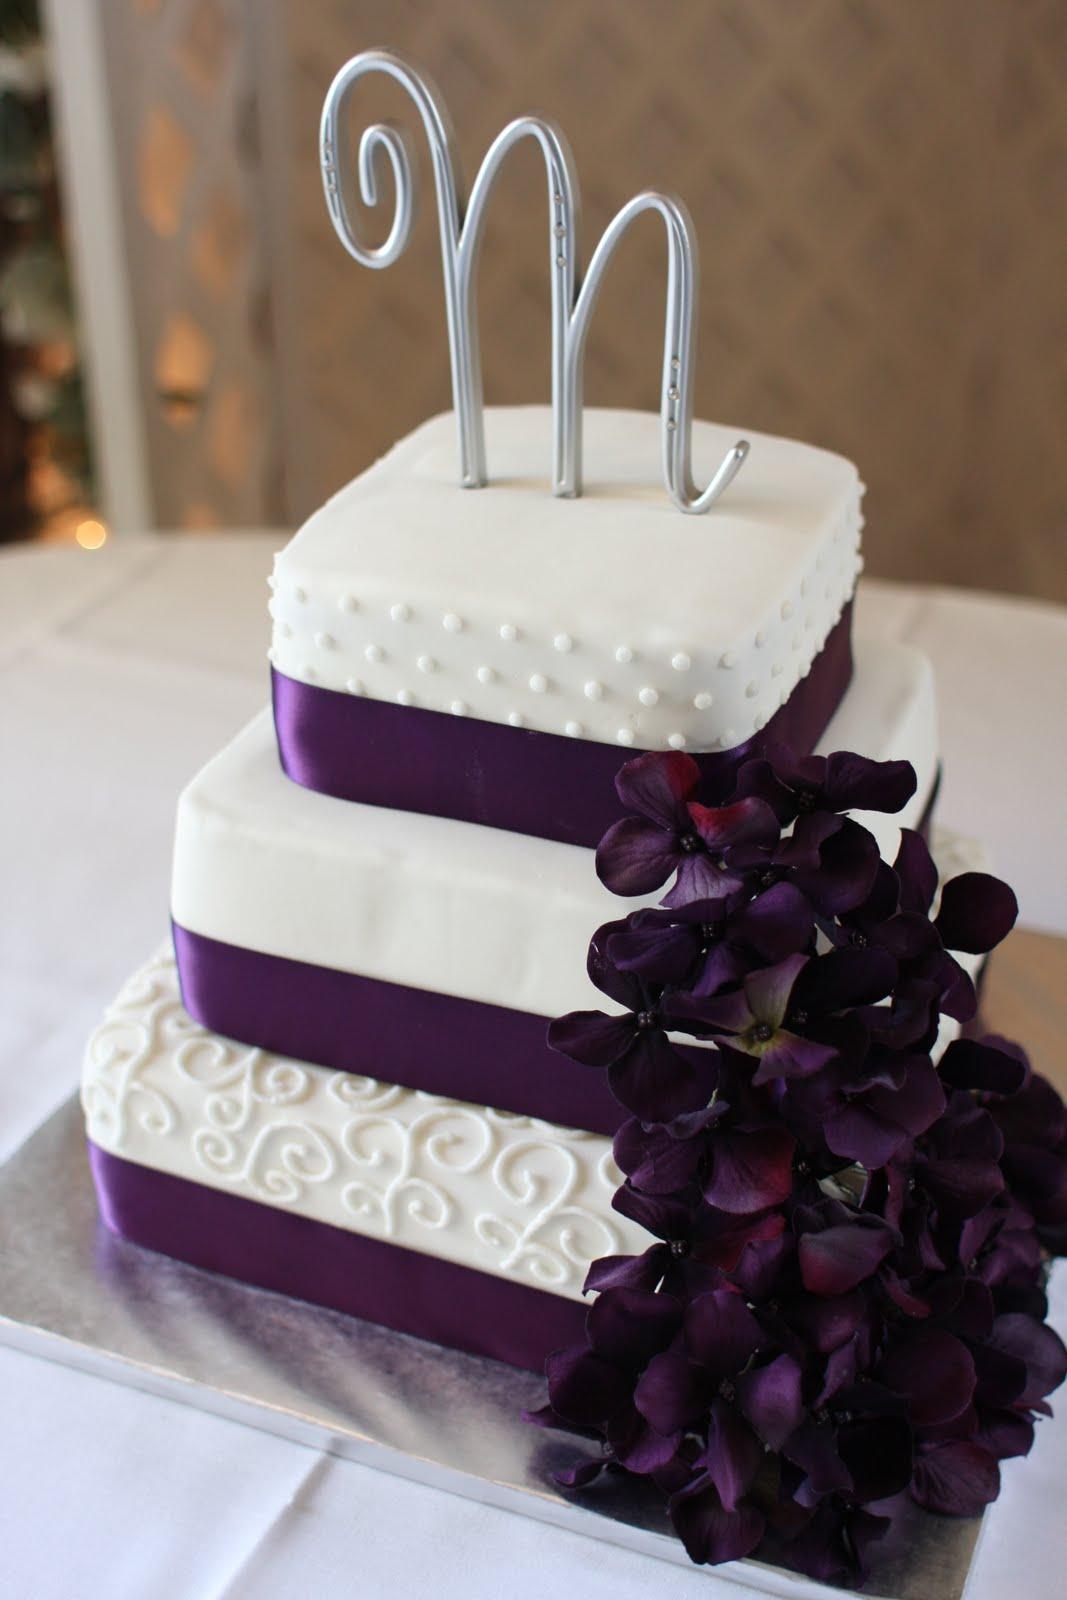 wedding cake frosting wedding plan ideas. Black Bedroom Furniture Sets. Home Design Ideas